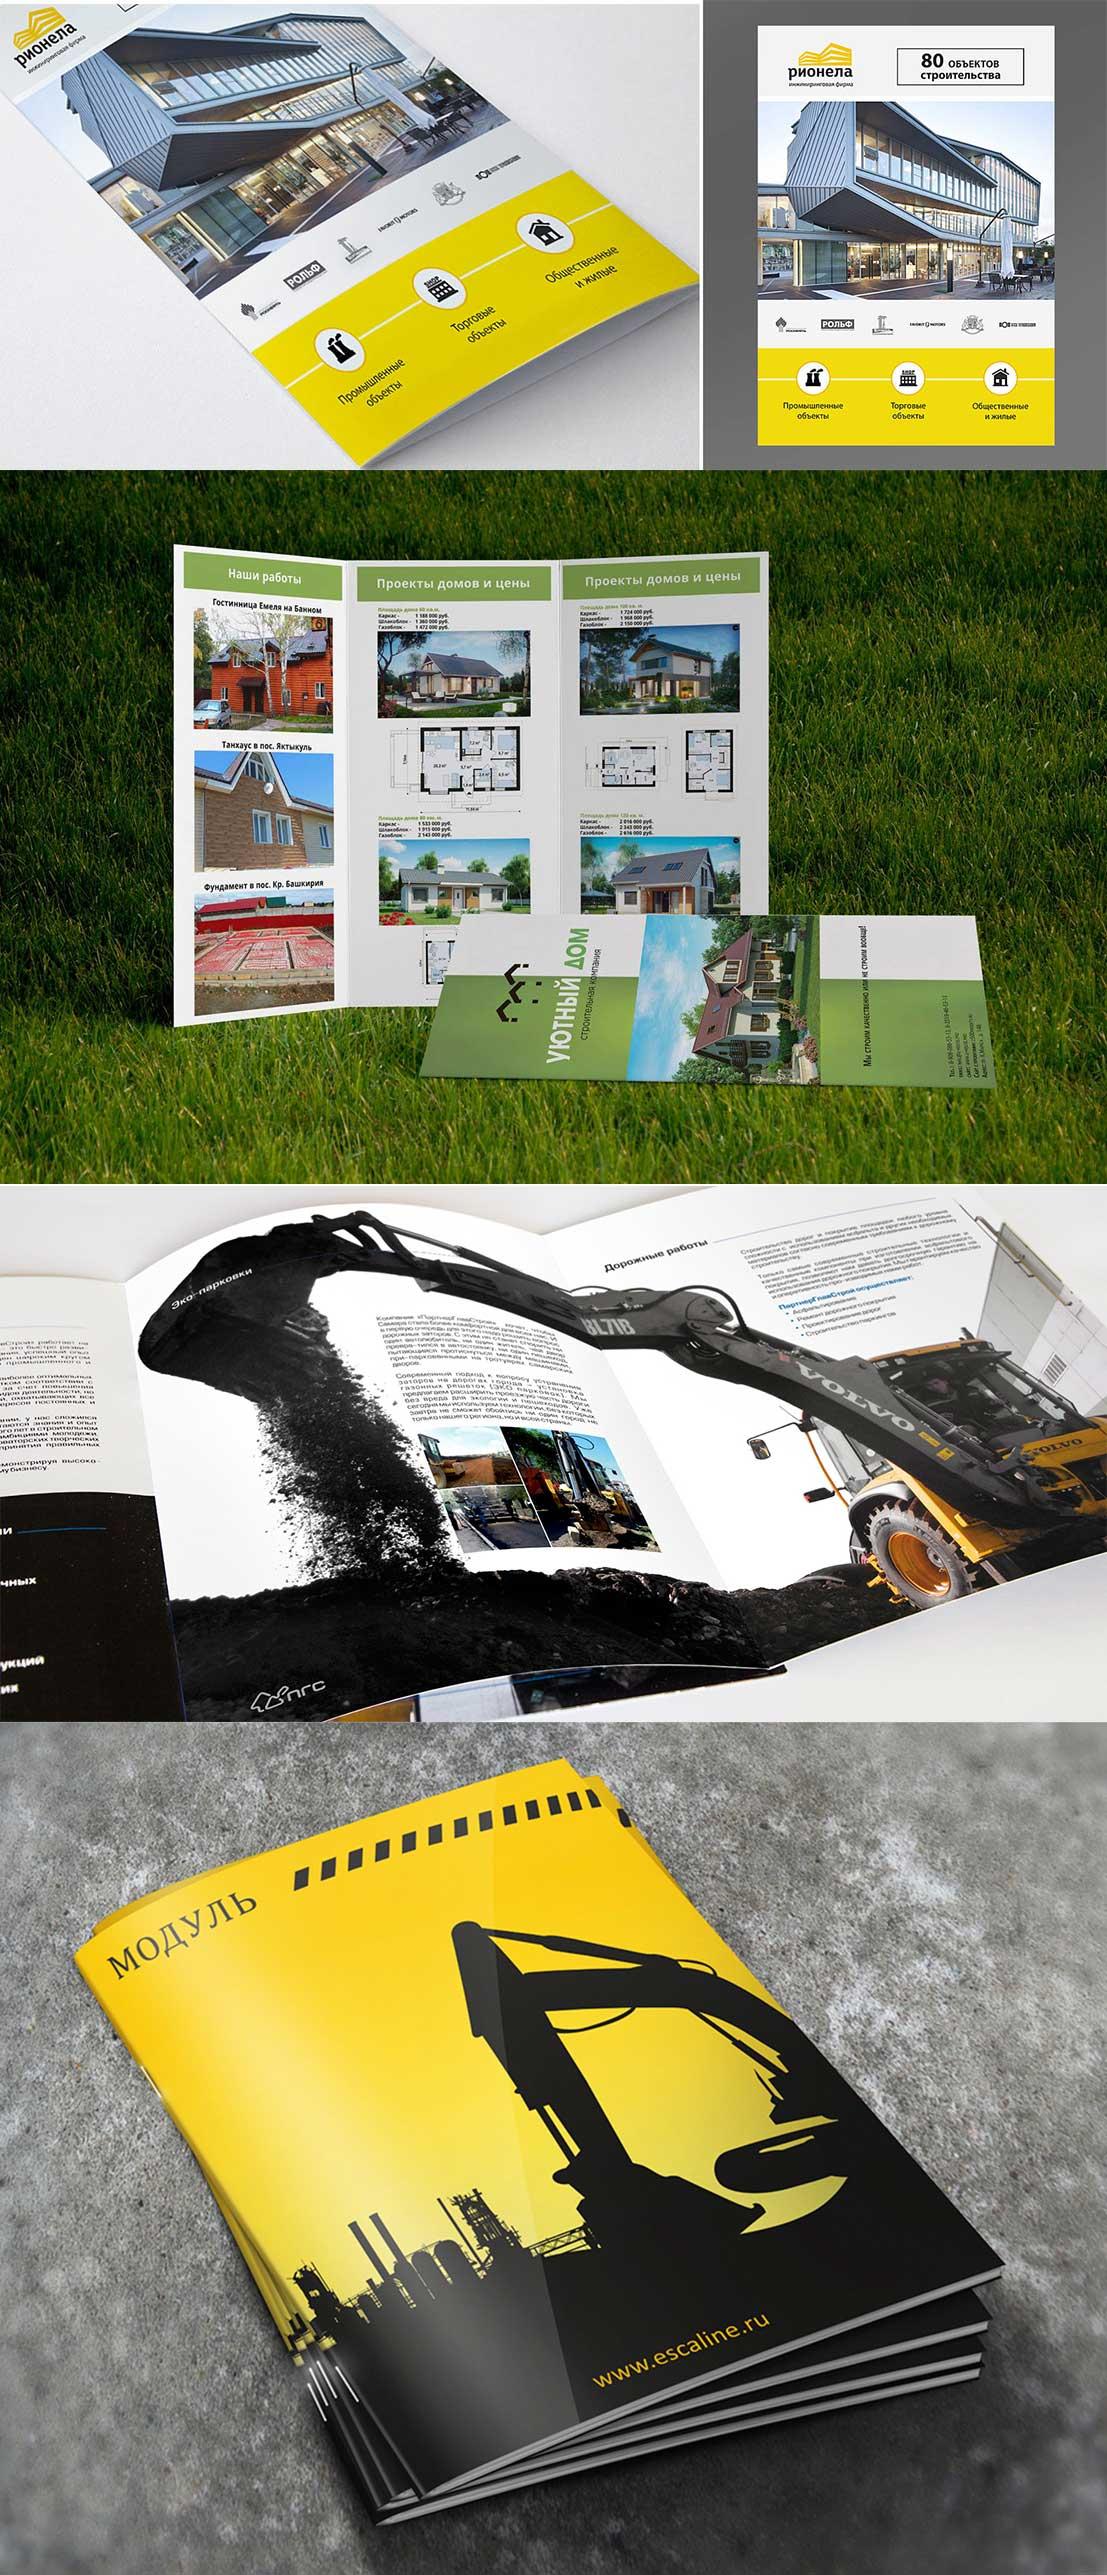 كتيب تصميم البناء